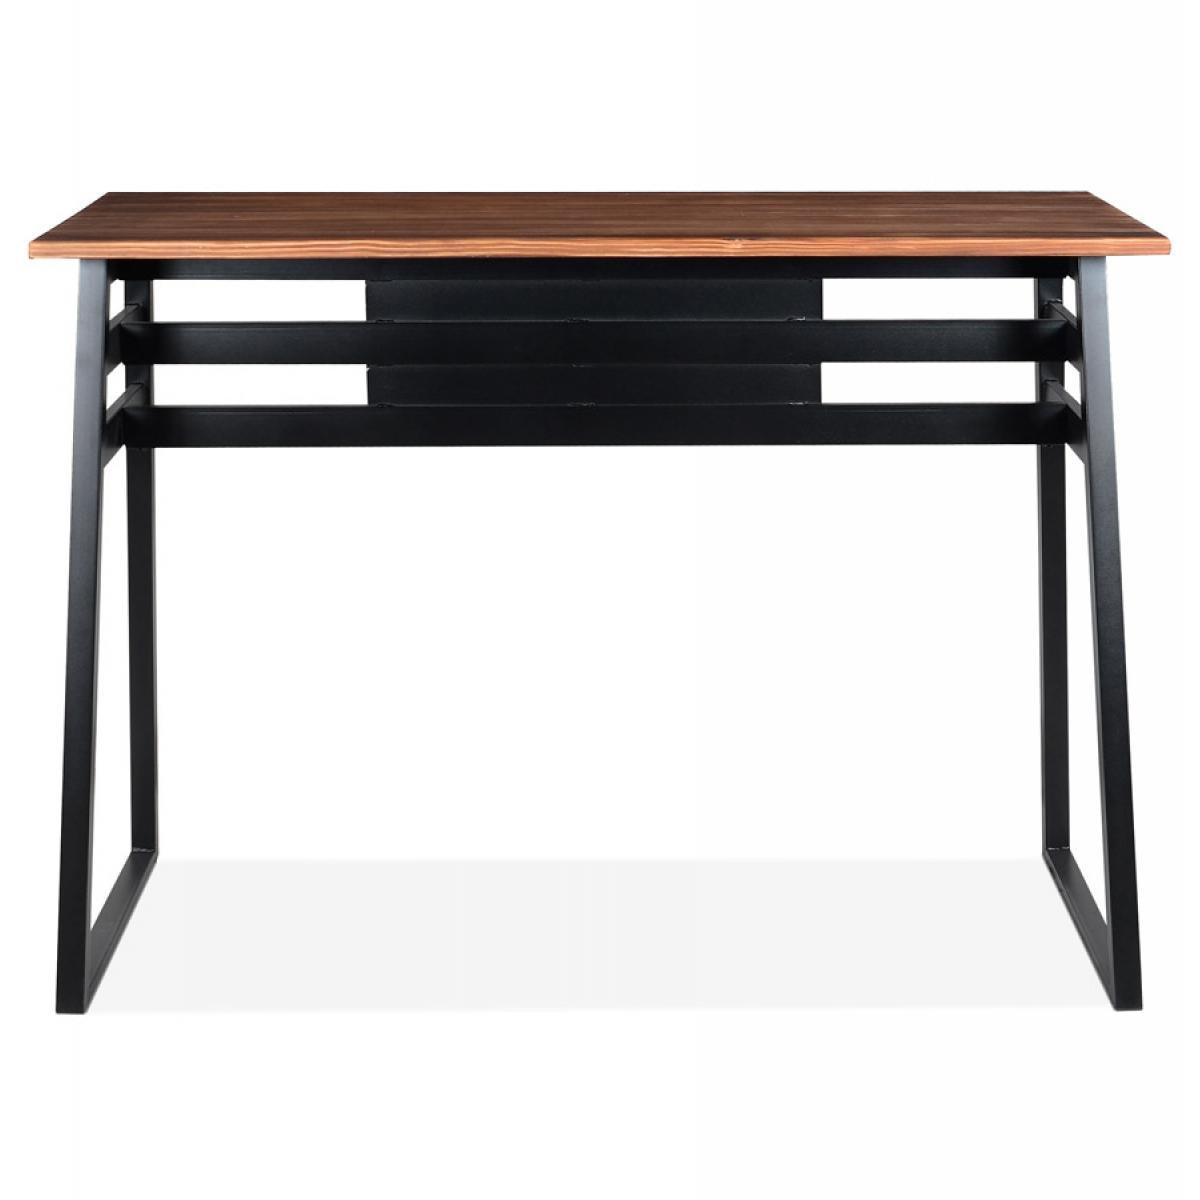 Alterego Table de bar haute 'NIKI' en bois massif et pied en métal noir - 150x60 cm